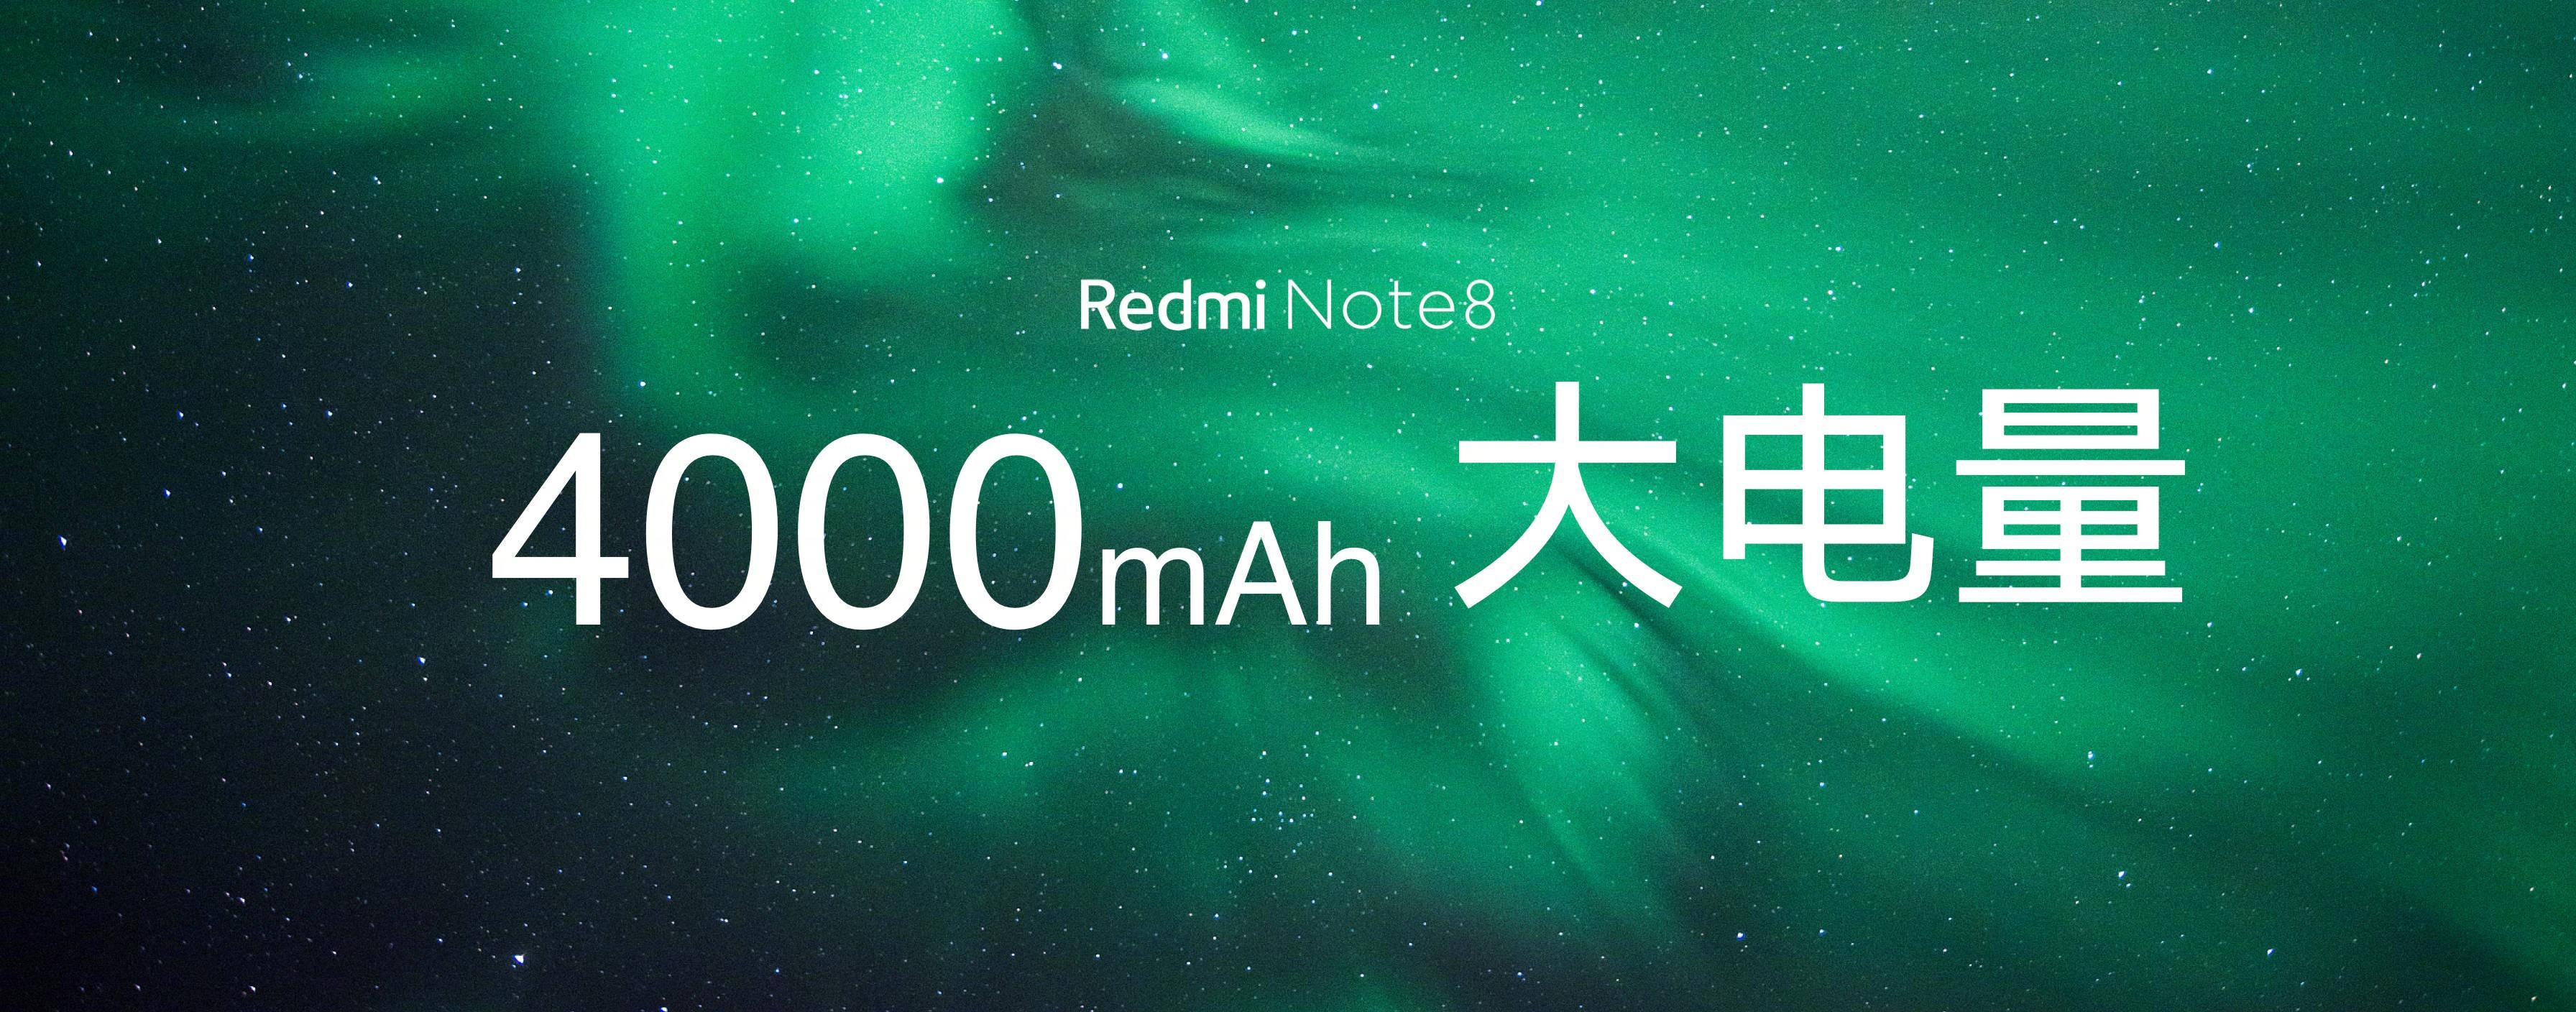 Redmi Note 7 vs Redmi Note 8 características, especificaciones y precio. Noticias Xiaomi Adictos